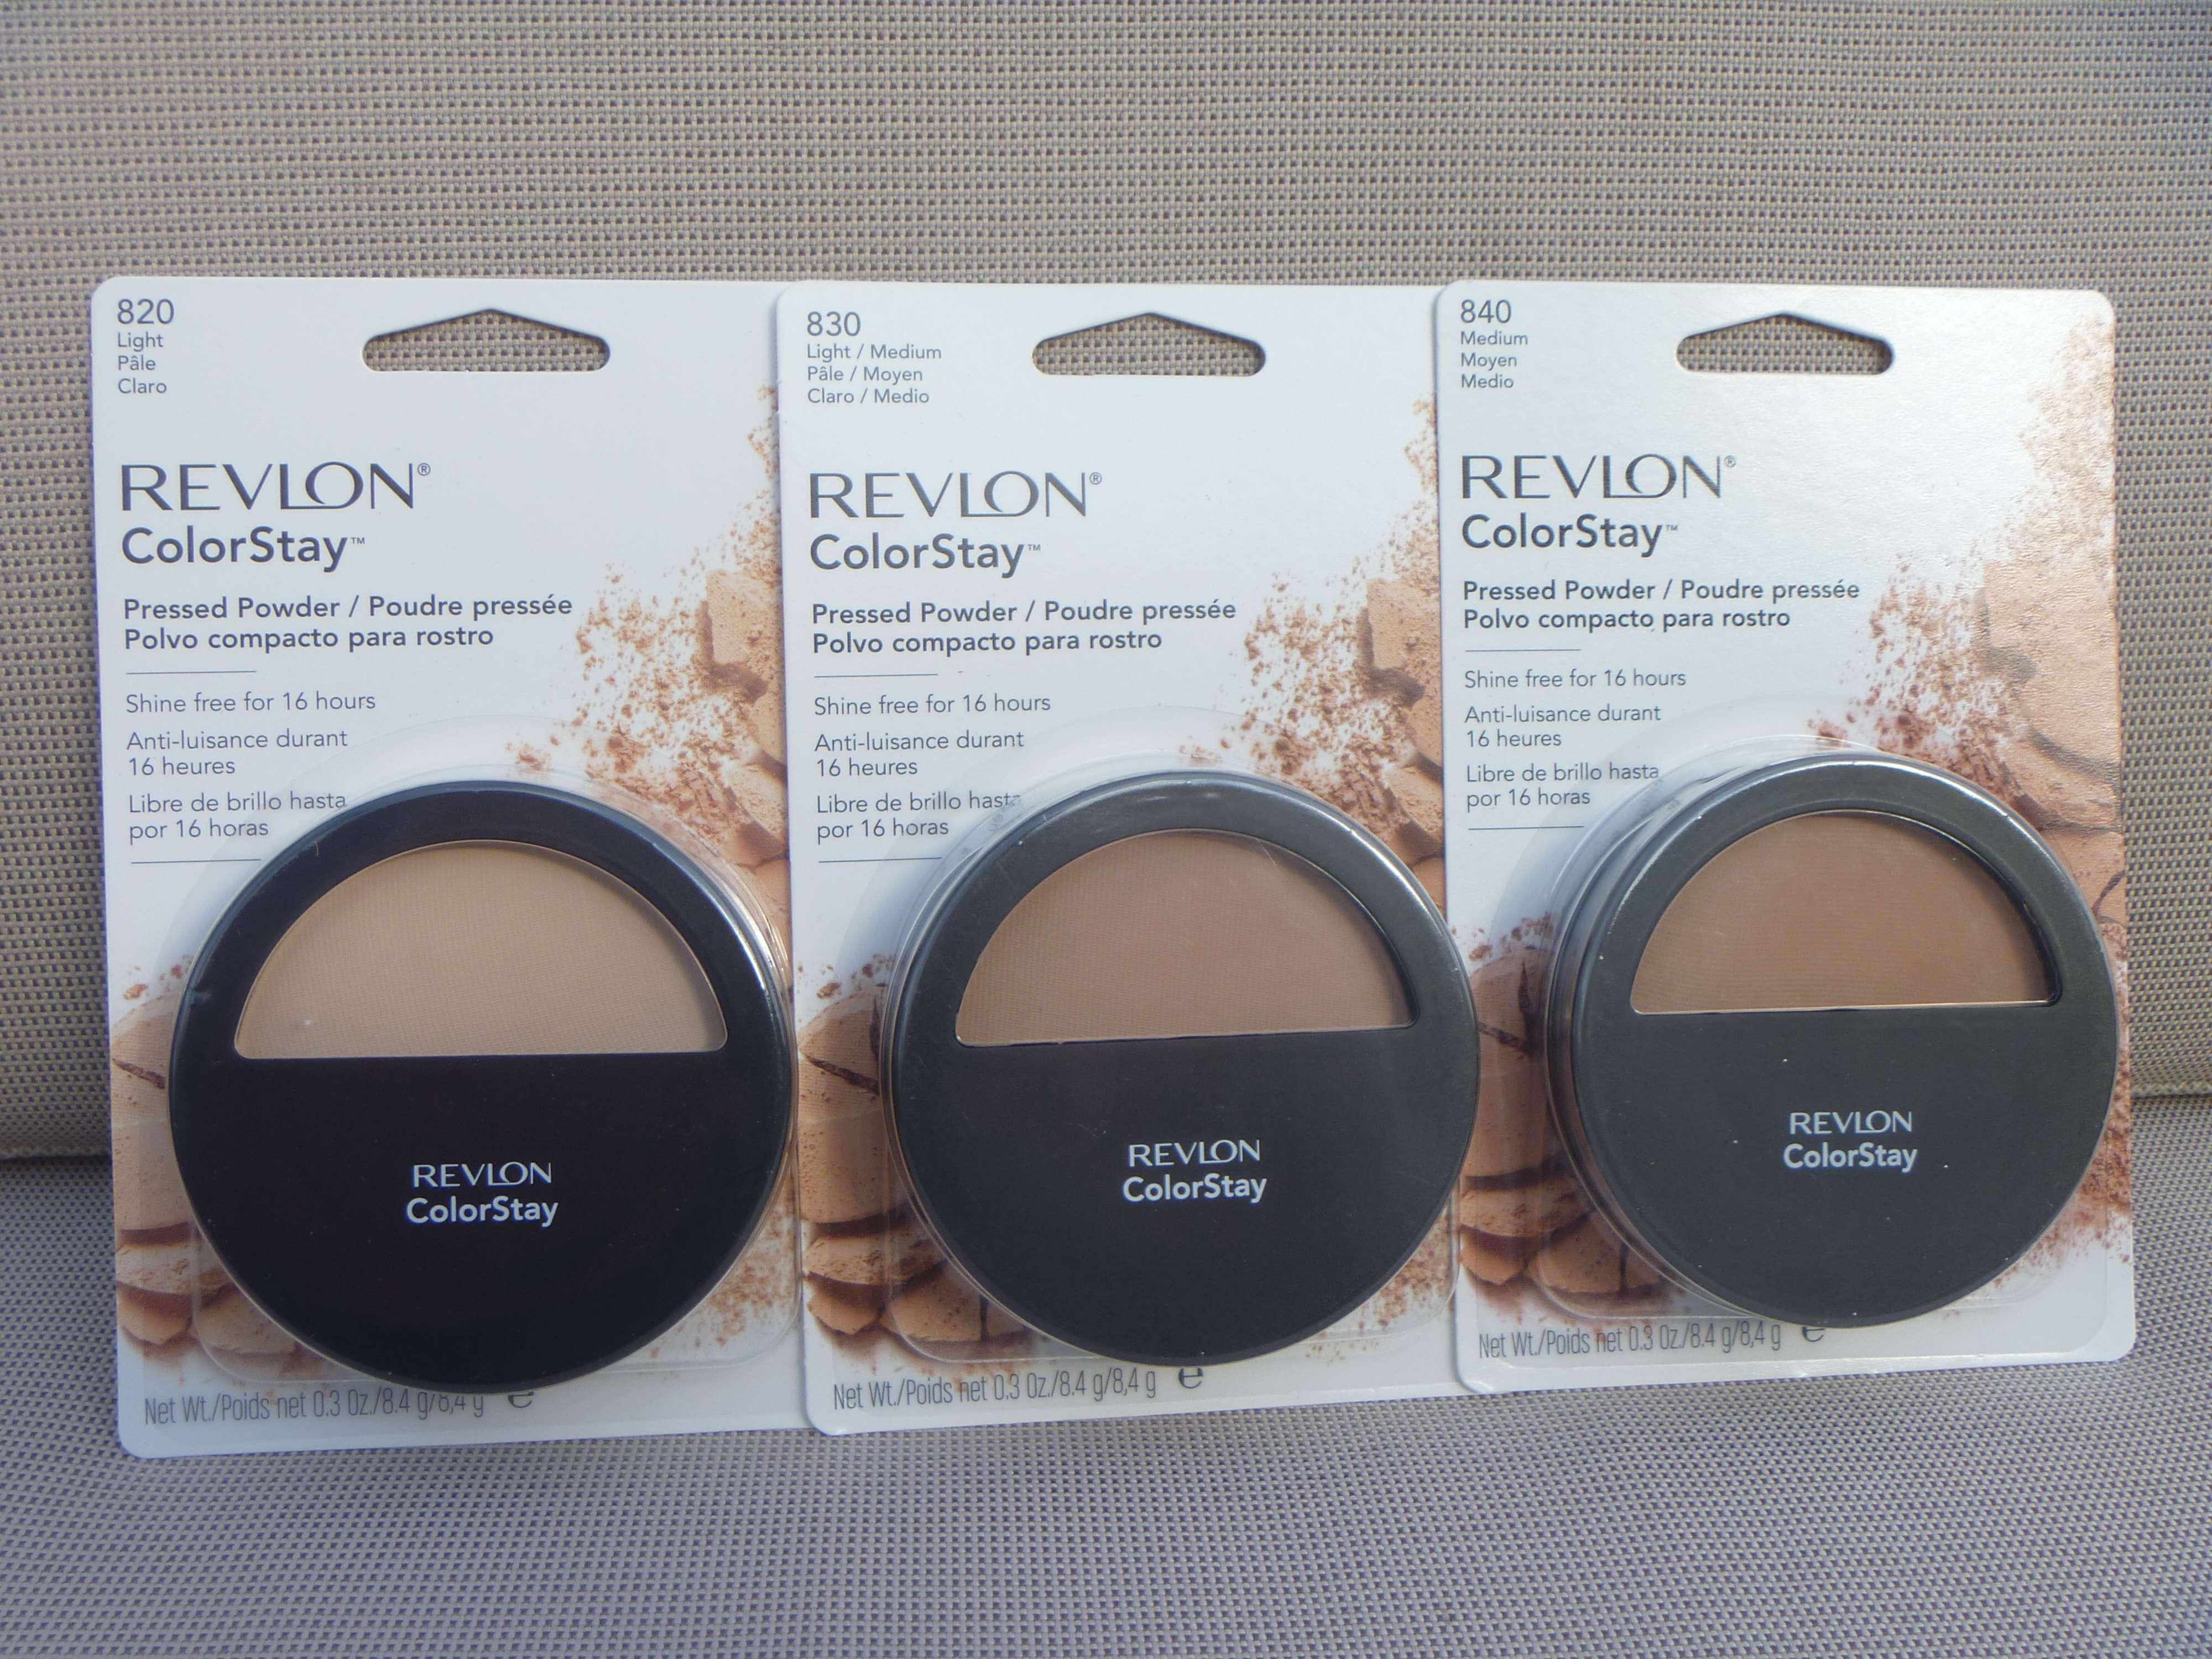 Revlon puder Photo Ready Skinlights Face Illuminator Peach